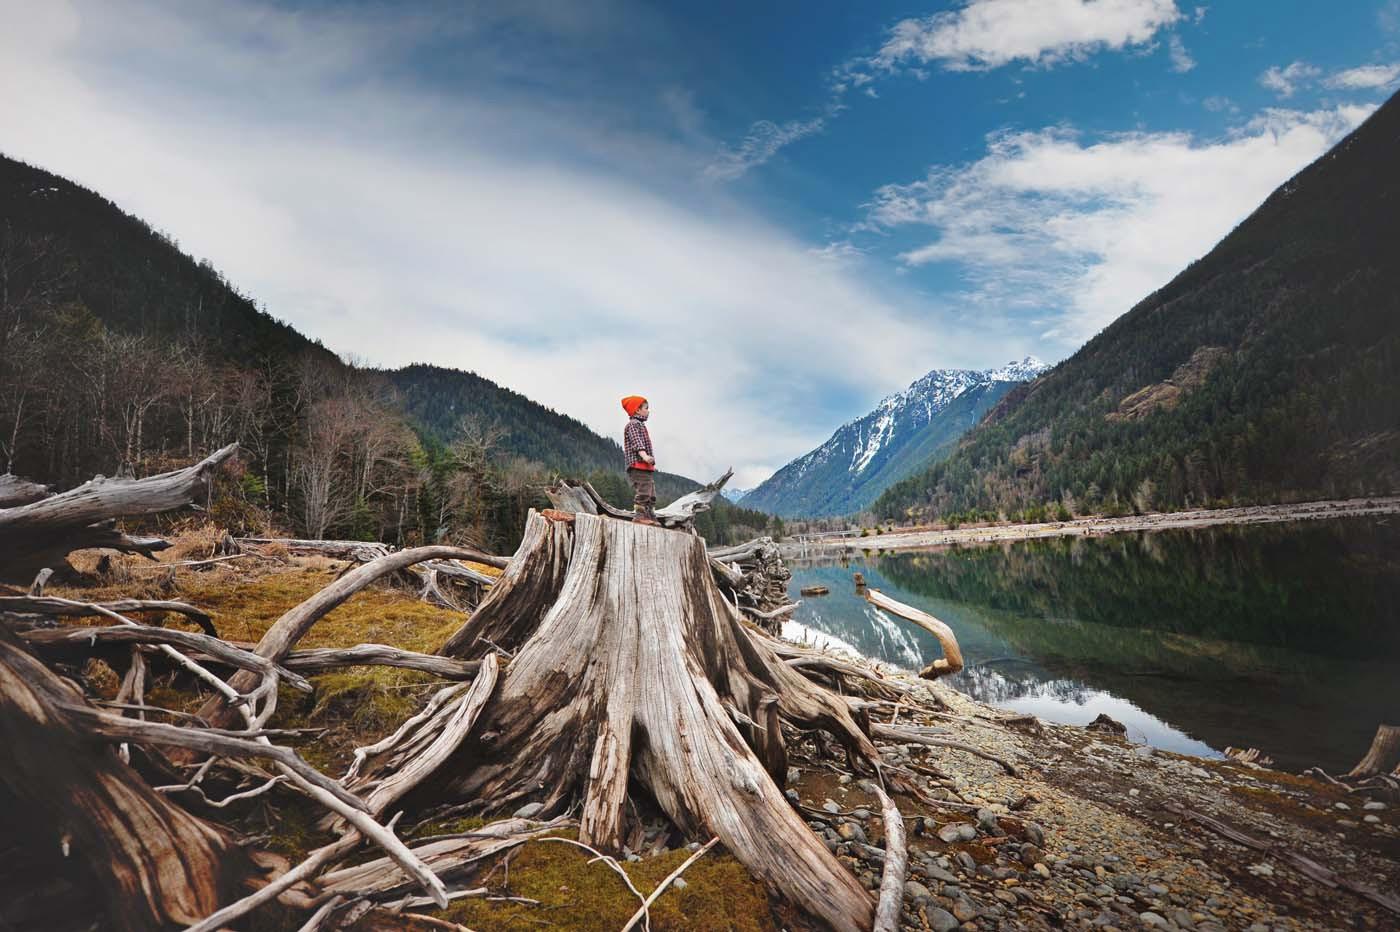 Littlest Adventurer by Nicole Bichsel